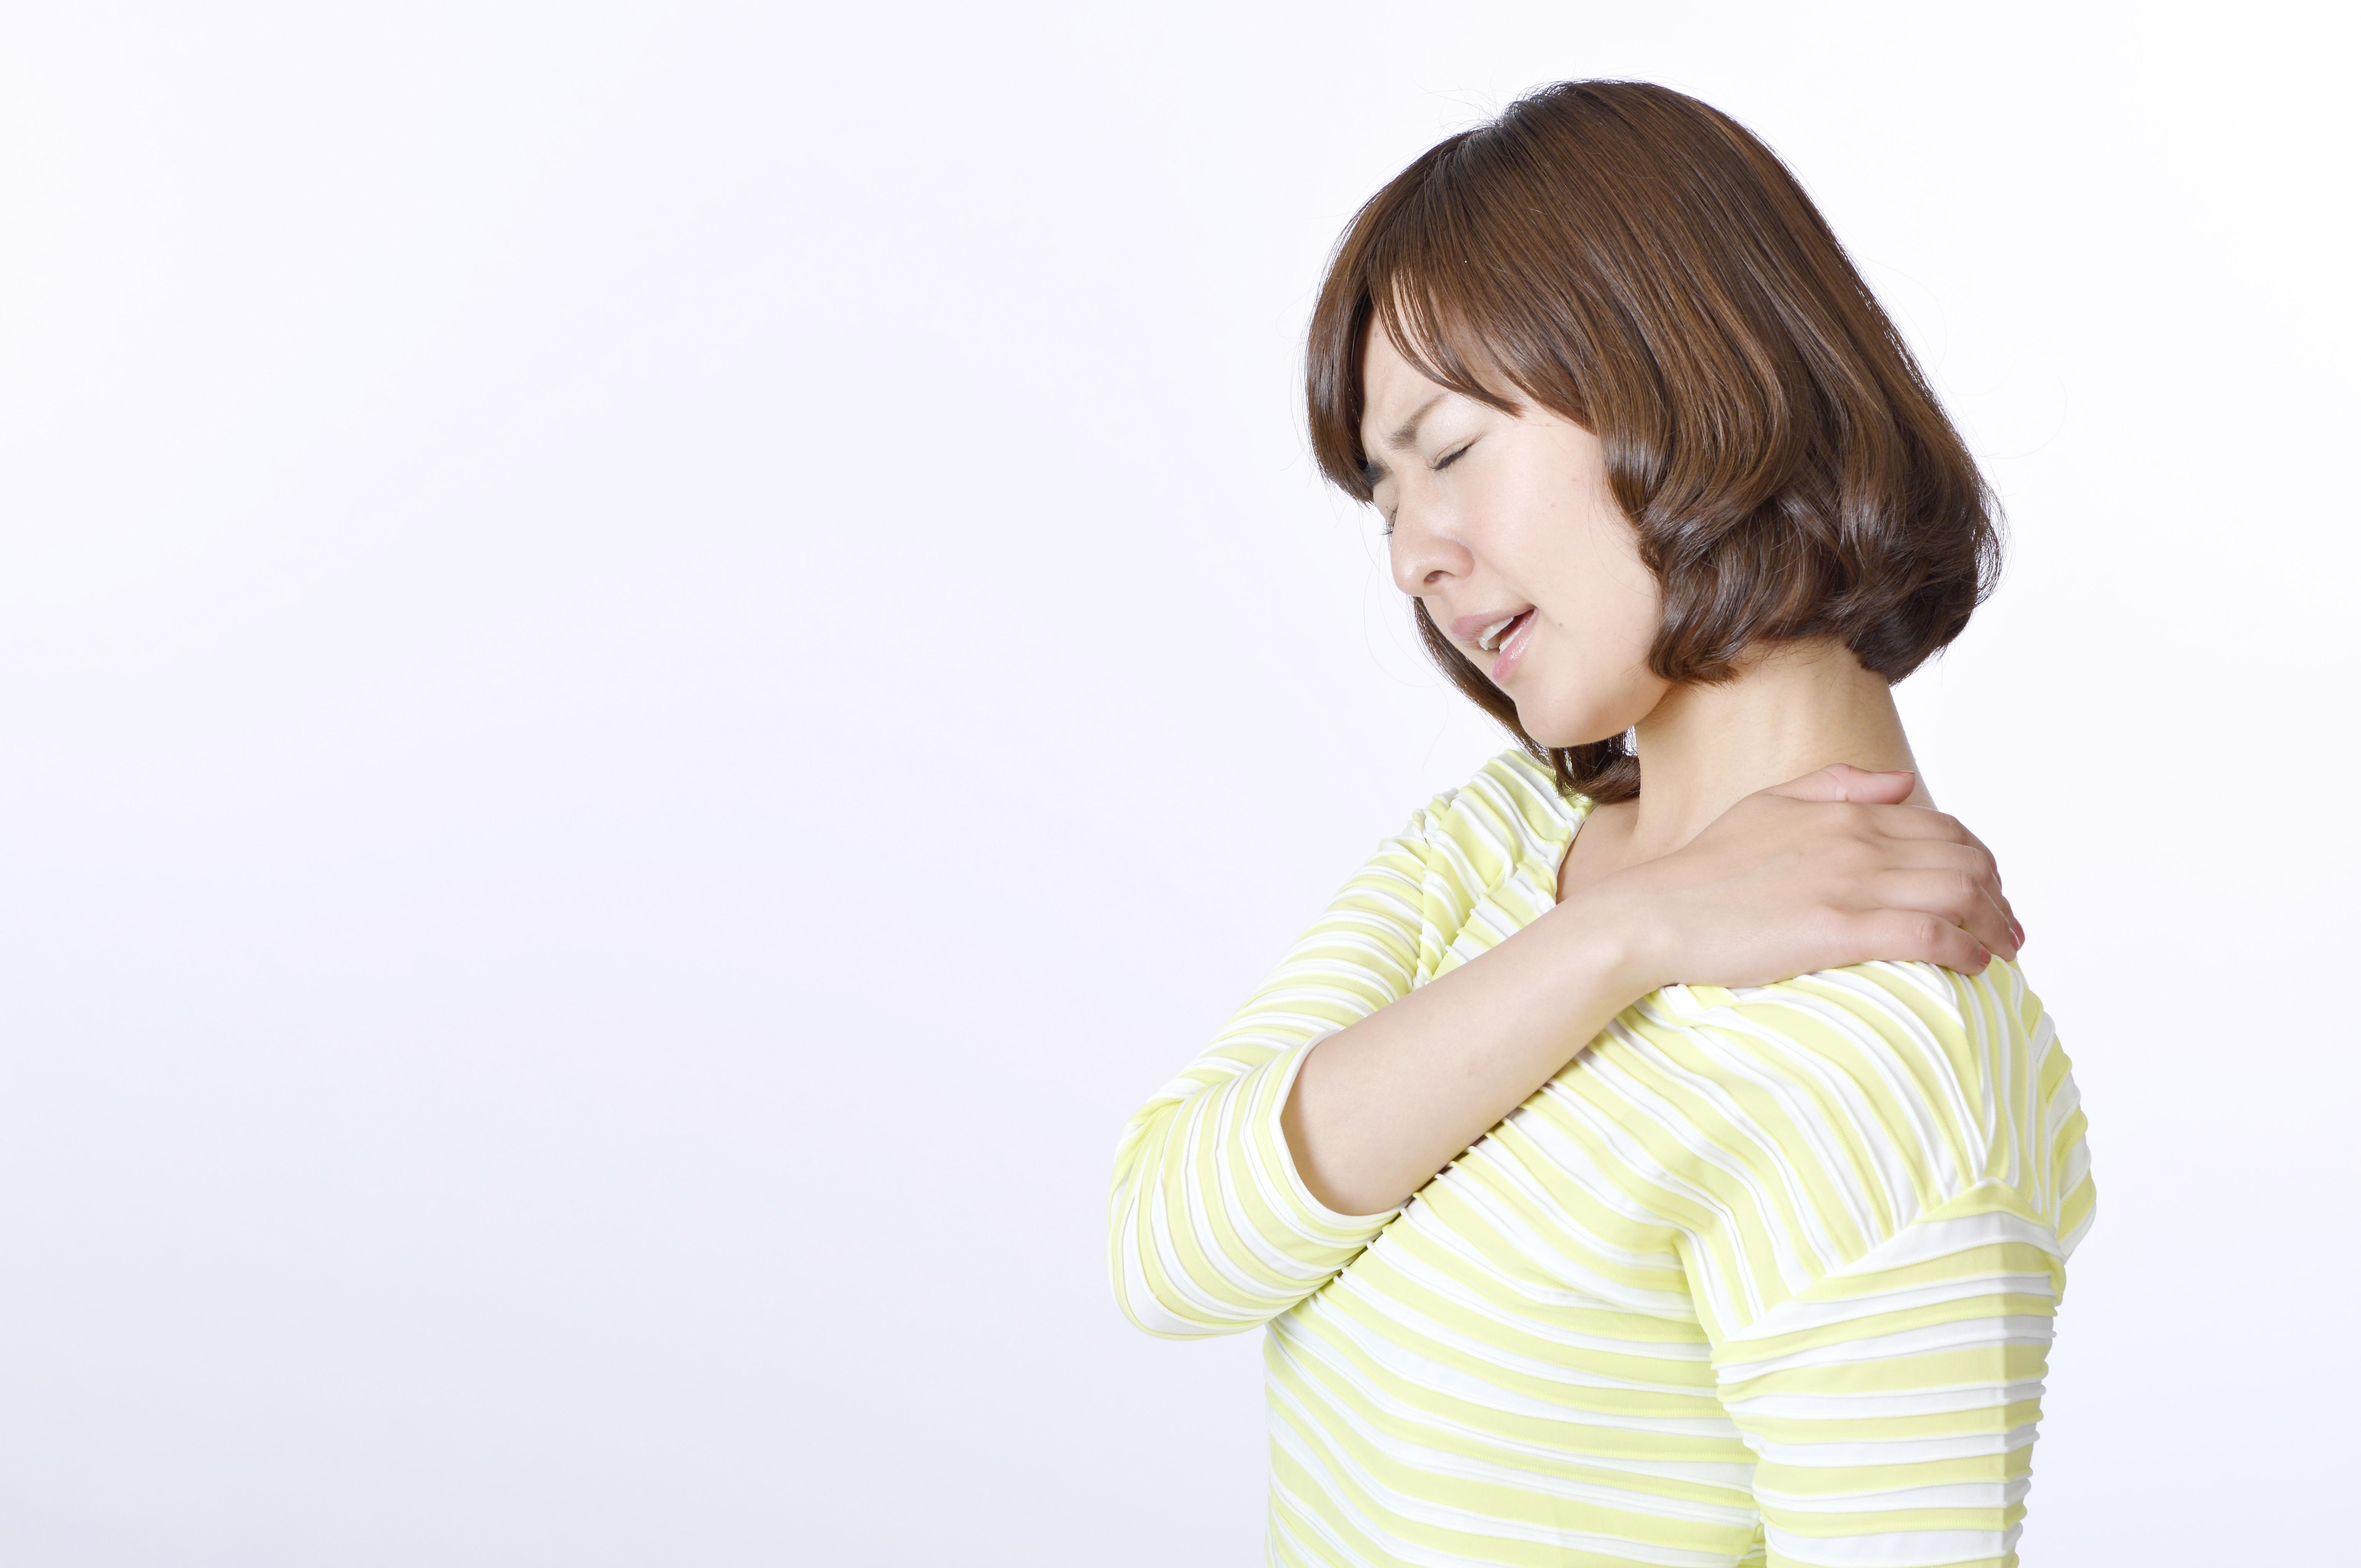 ピアノの練習で肩こり、首、背中が痛い!解消法3選 ~ピアノ弾きのからだのケア~